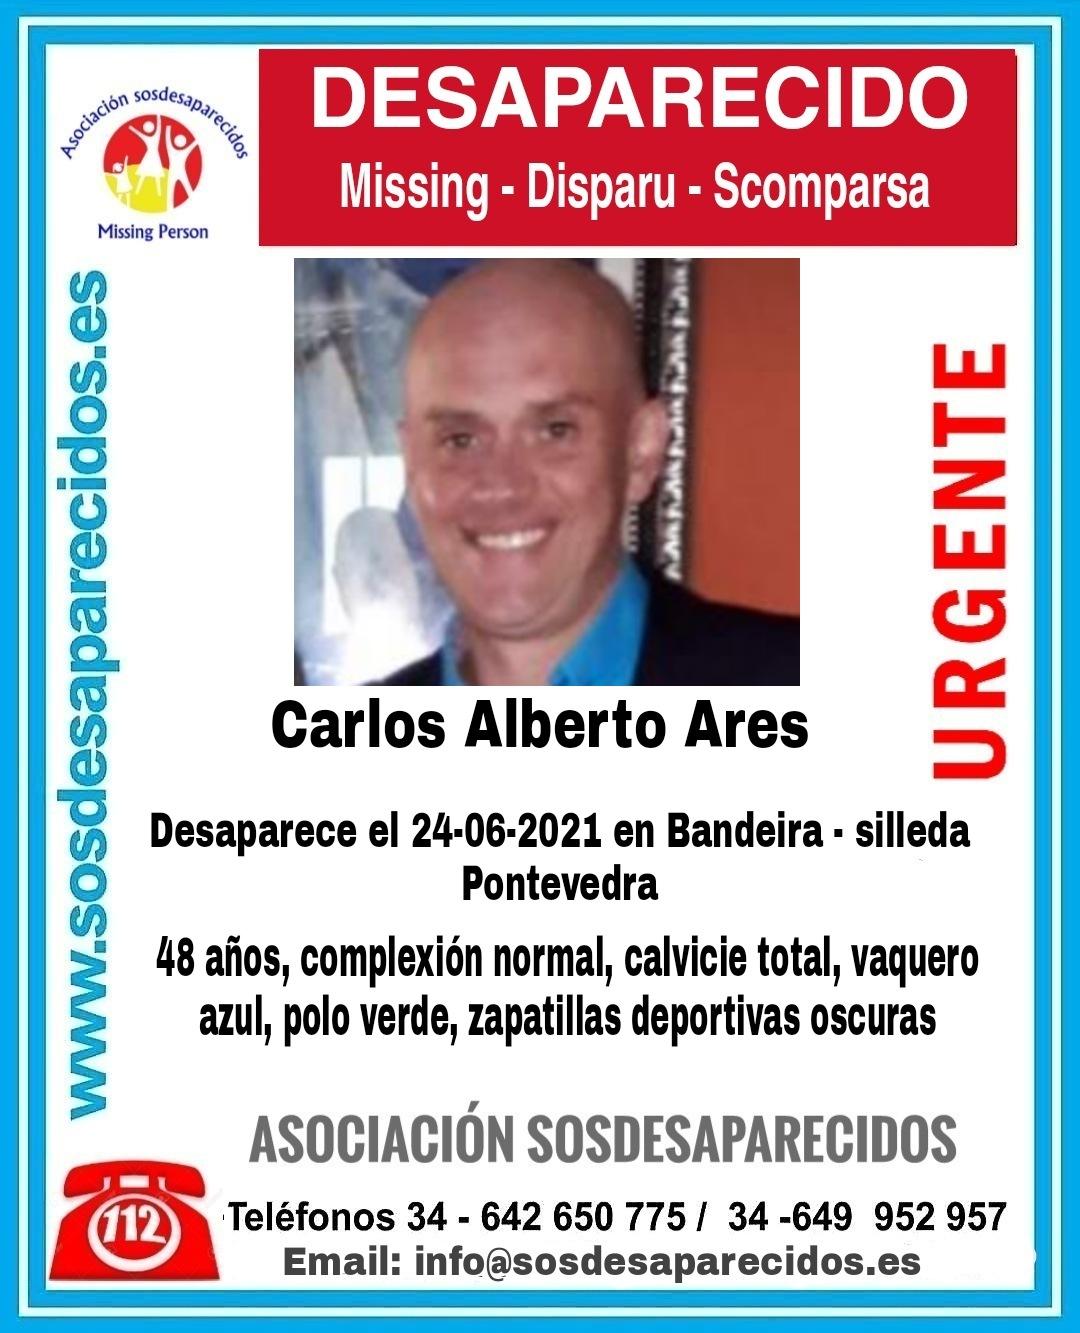 Carlos Alberto Ares